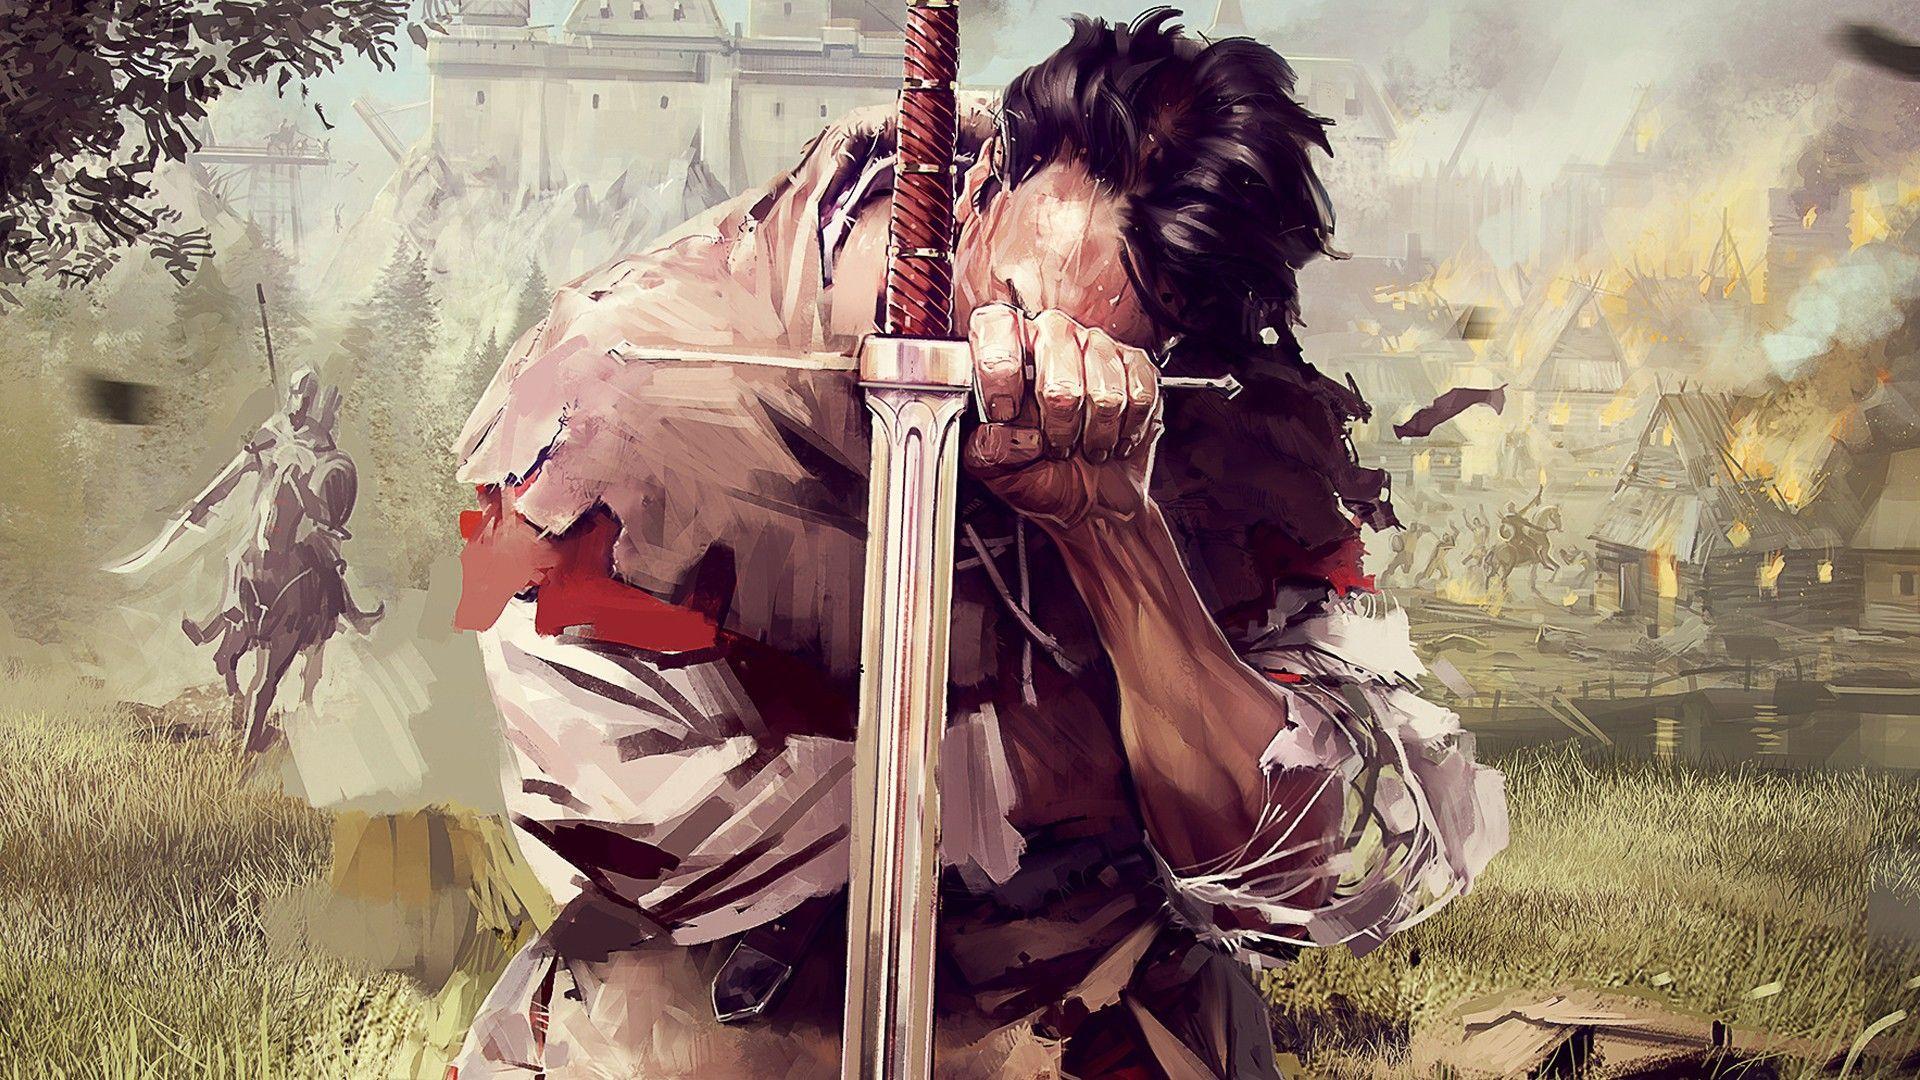 سی دی کی اریجینال استیم بازی Kingdom Come: Deliverance - Royal Edition